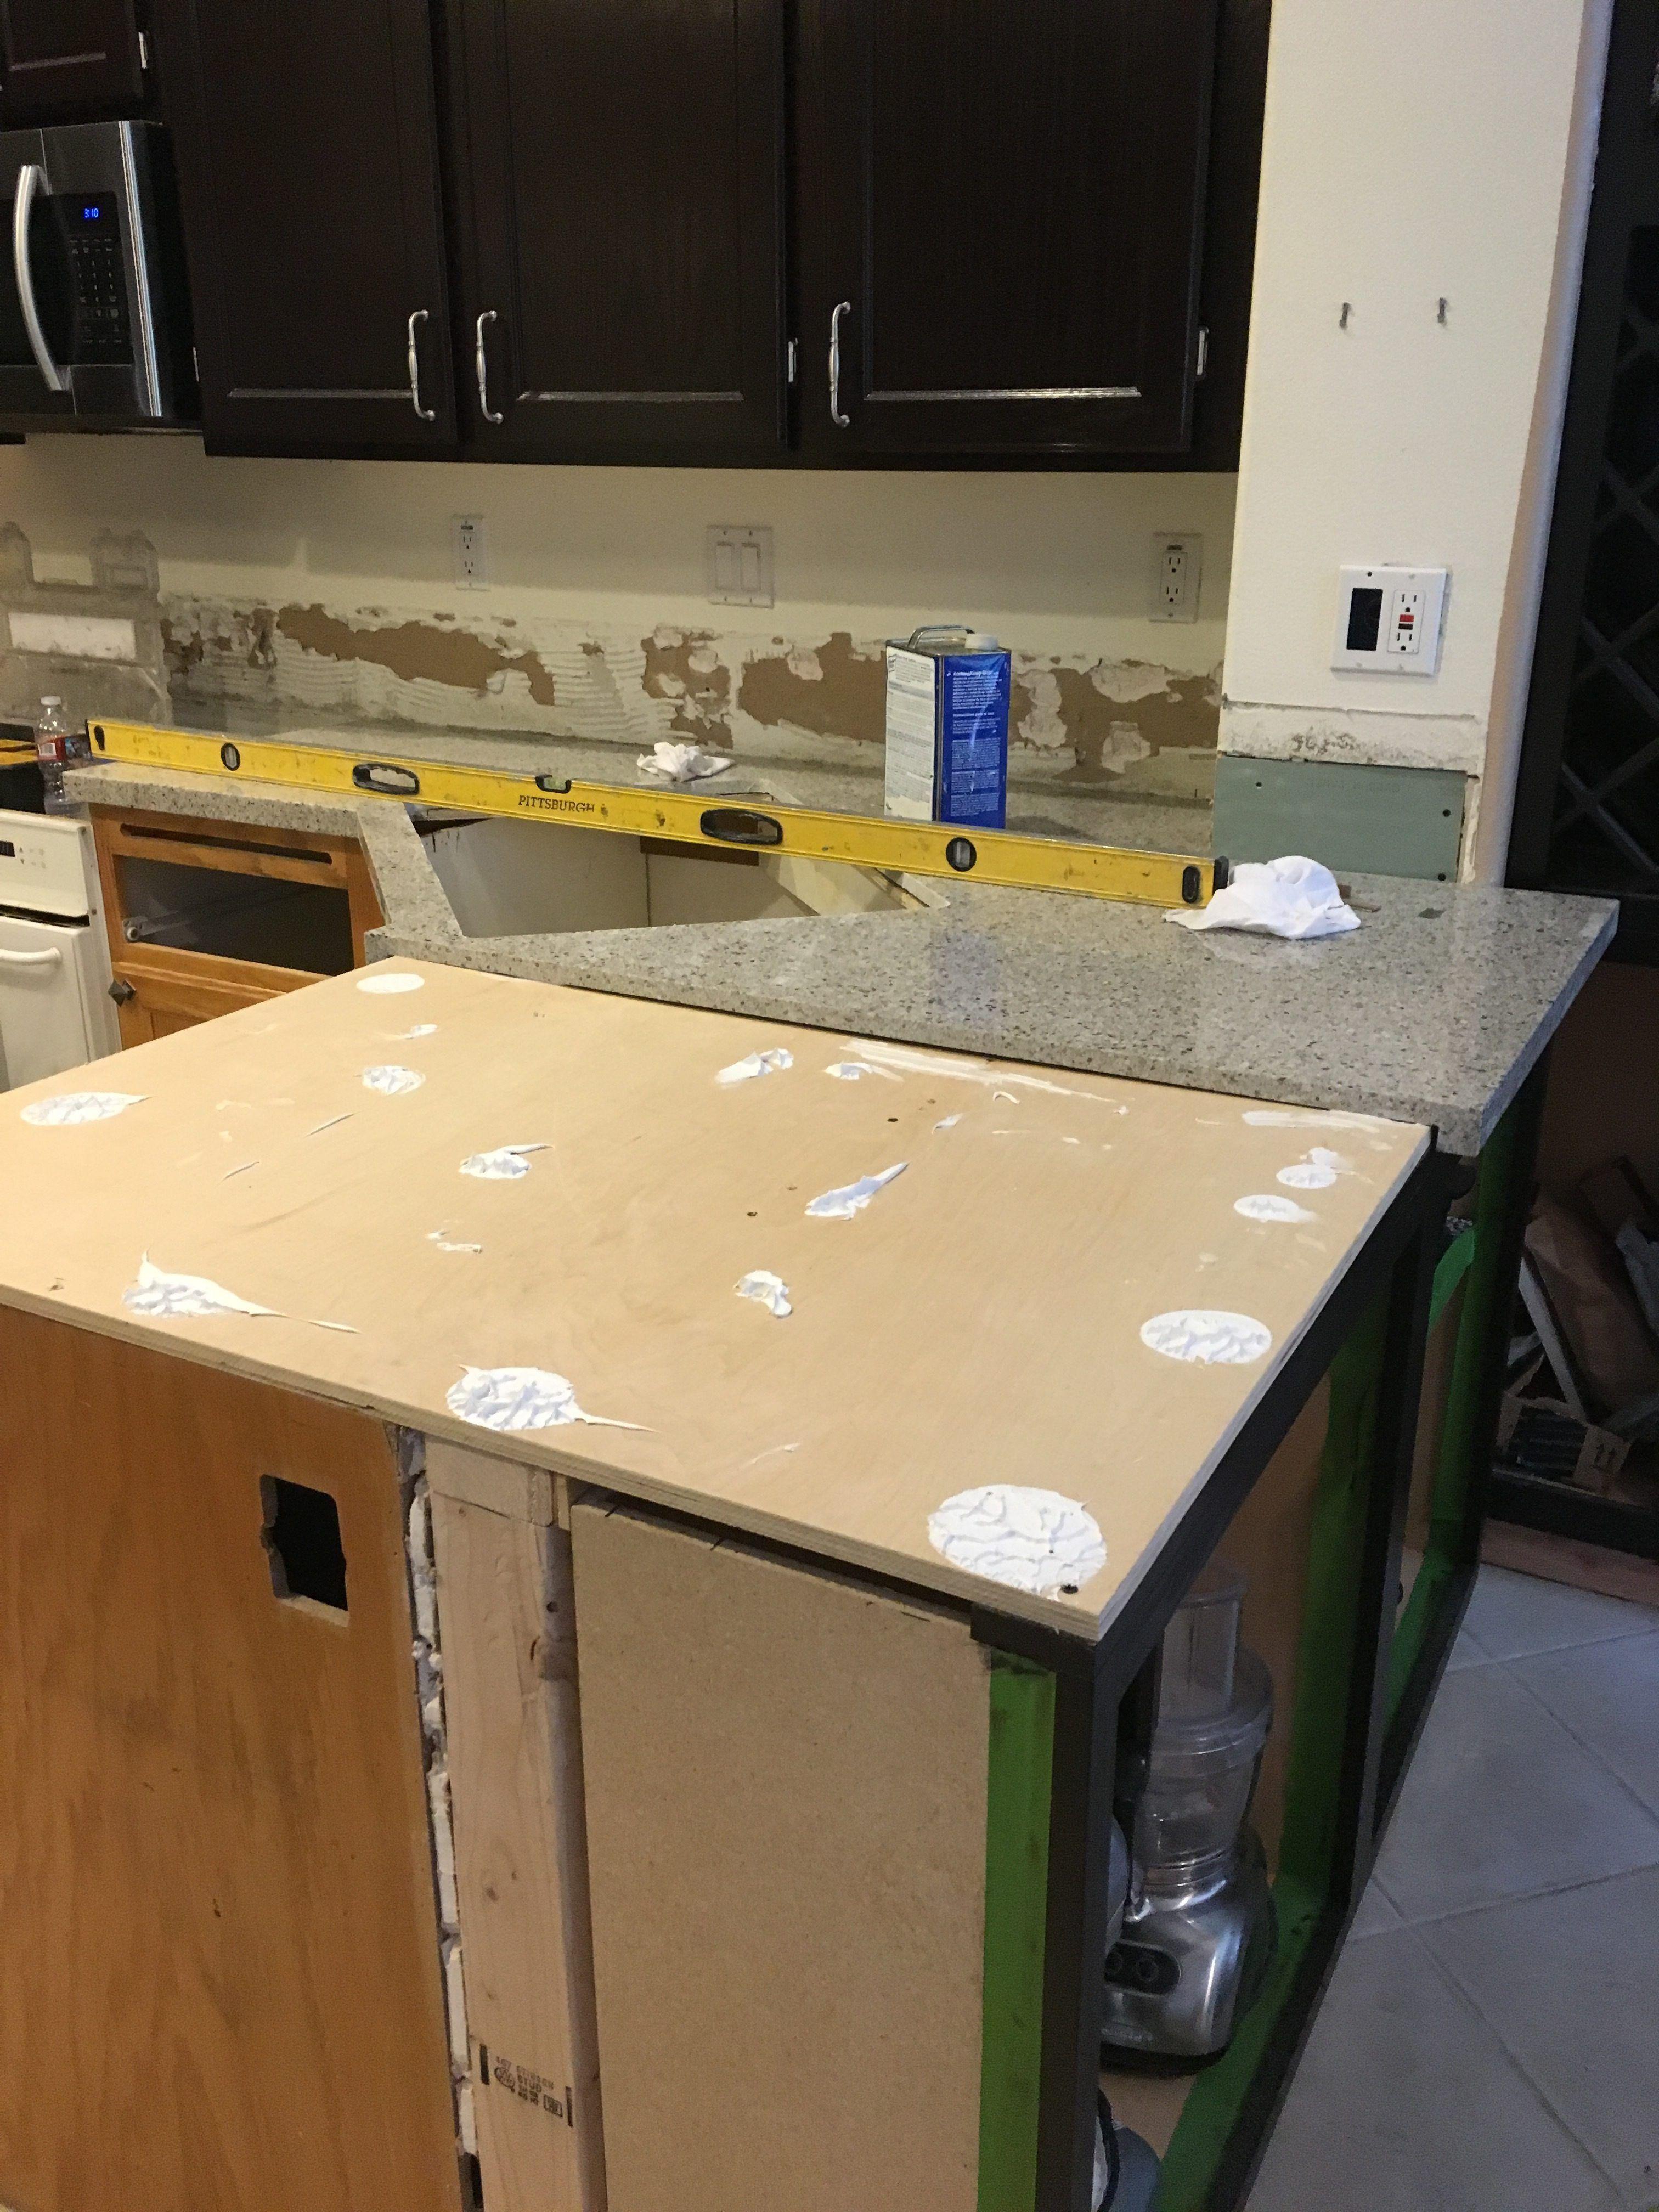 Kuche Kabinett Marken Bewertungen Outdoor Kuche Umbau Kleiner Kuche Kuchen Granitarbeitsplatten